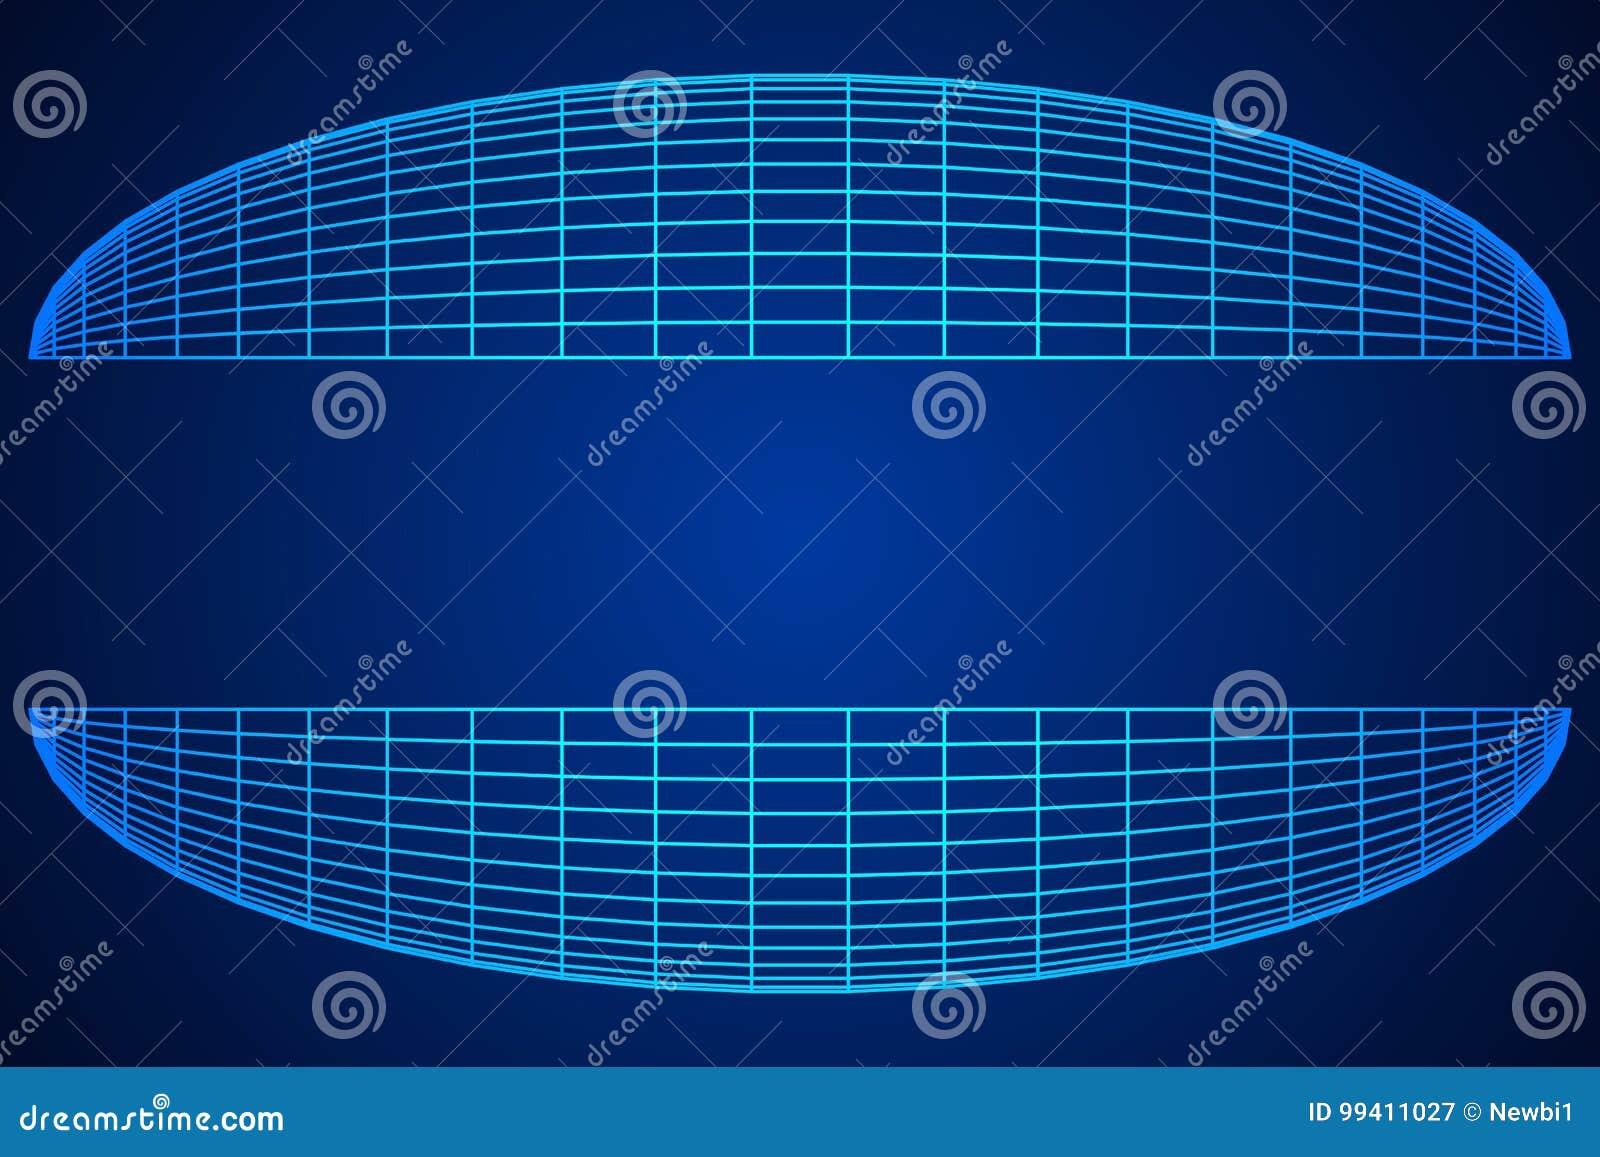 Wireframe Mesh Hemisphere